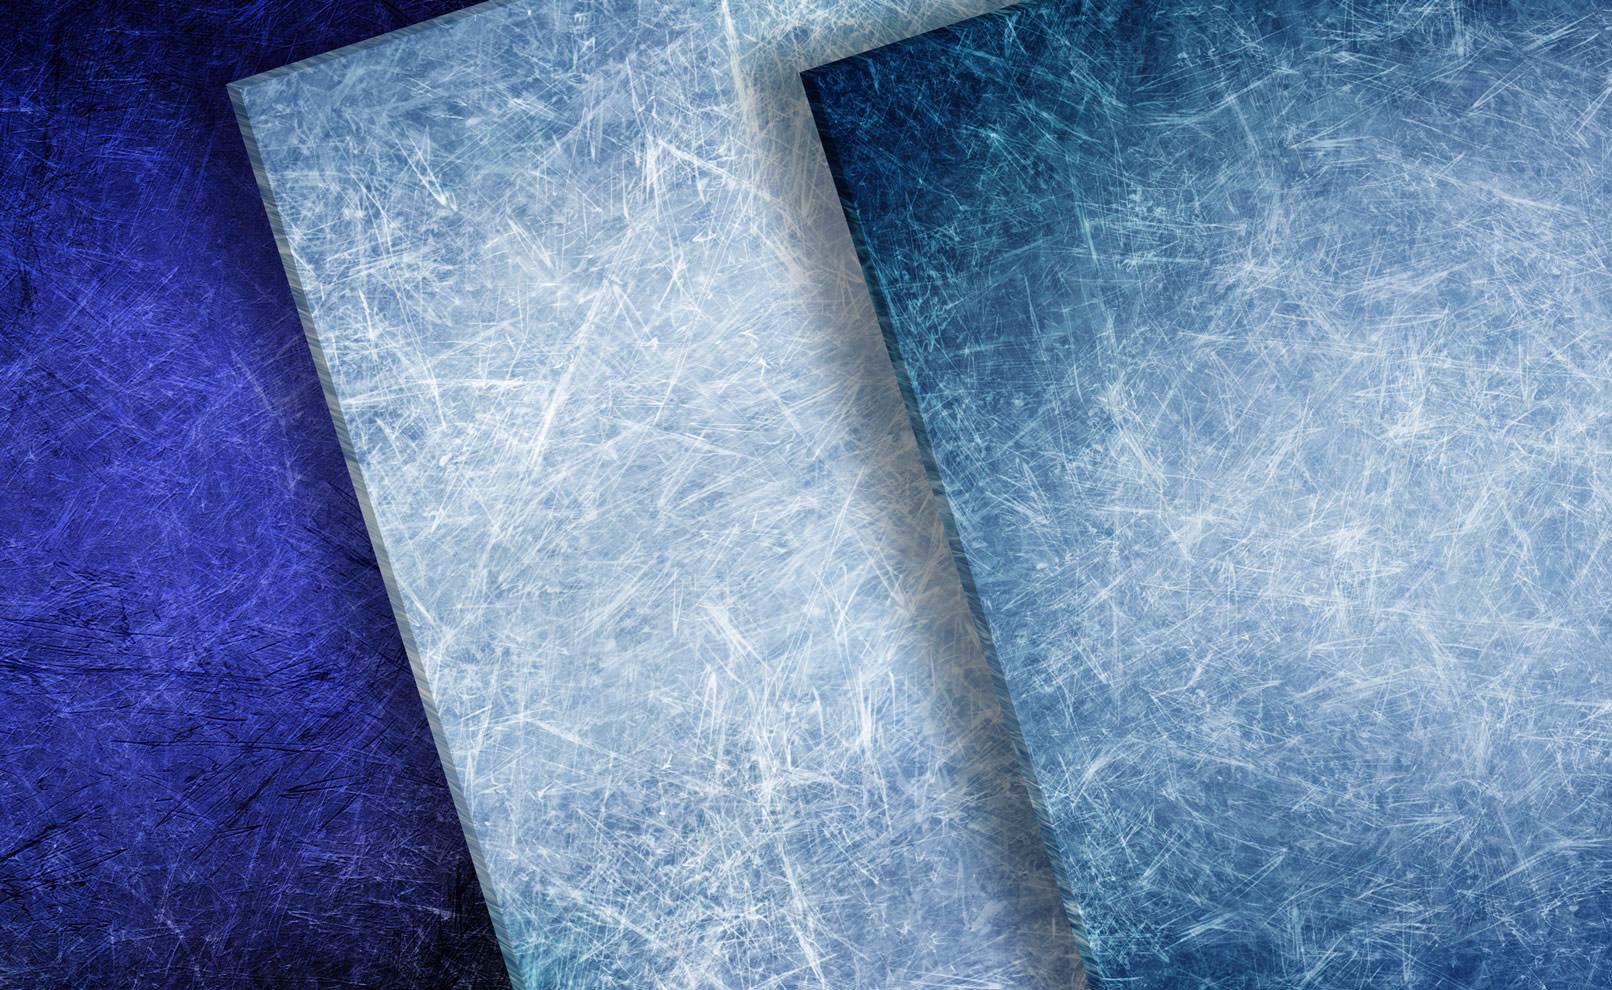 Hochaufgelöste Grunge-Texturen in Blau